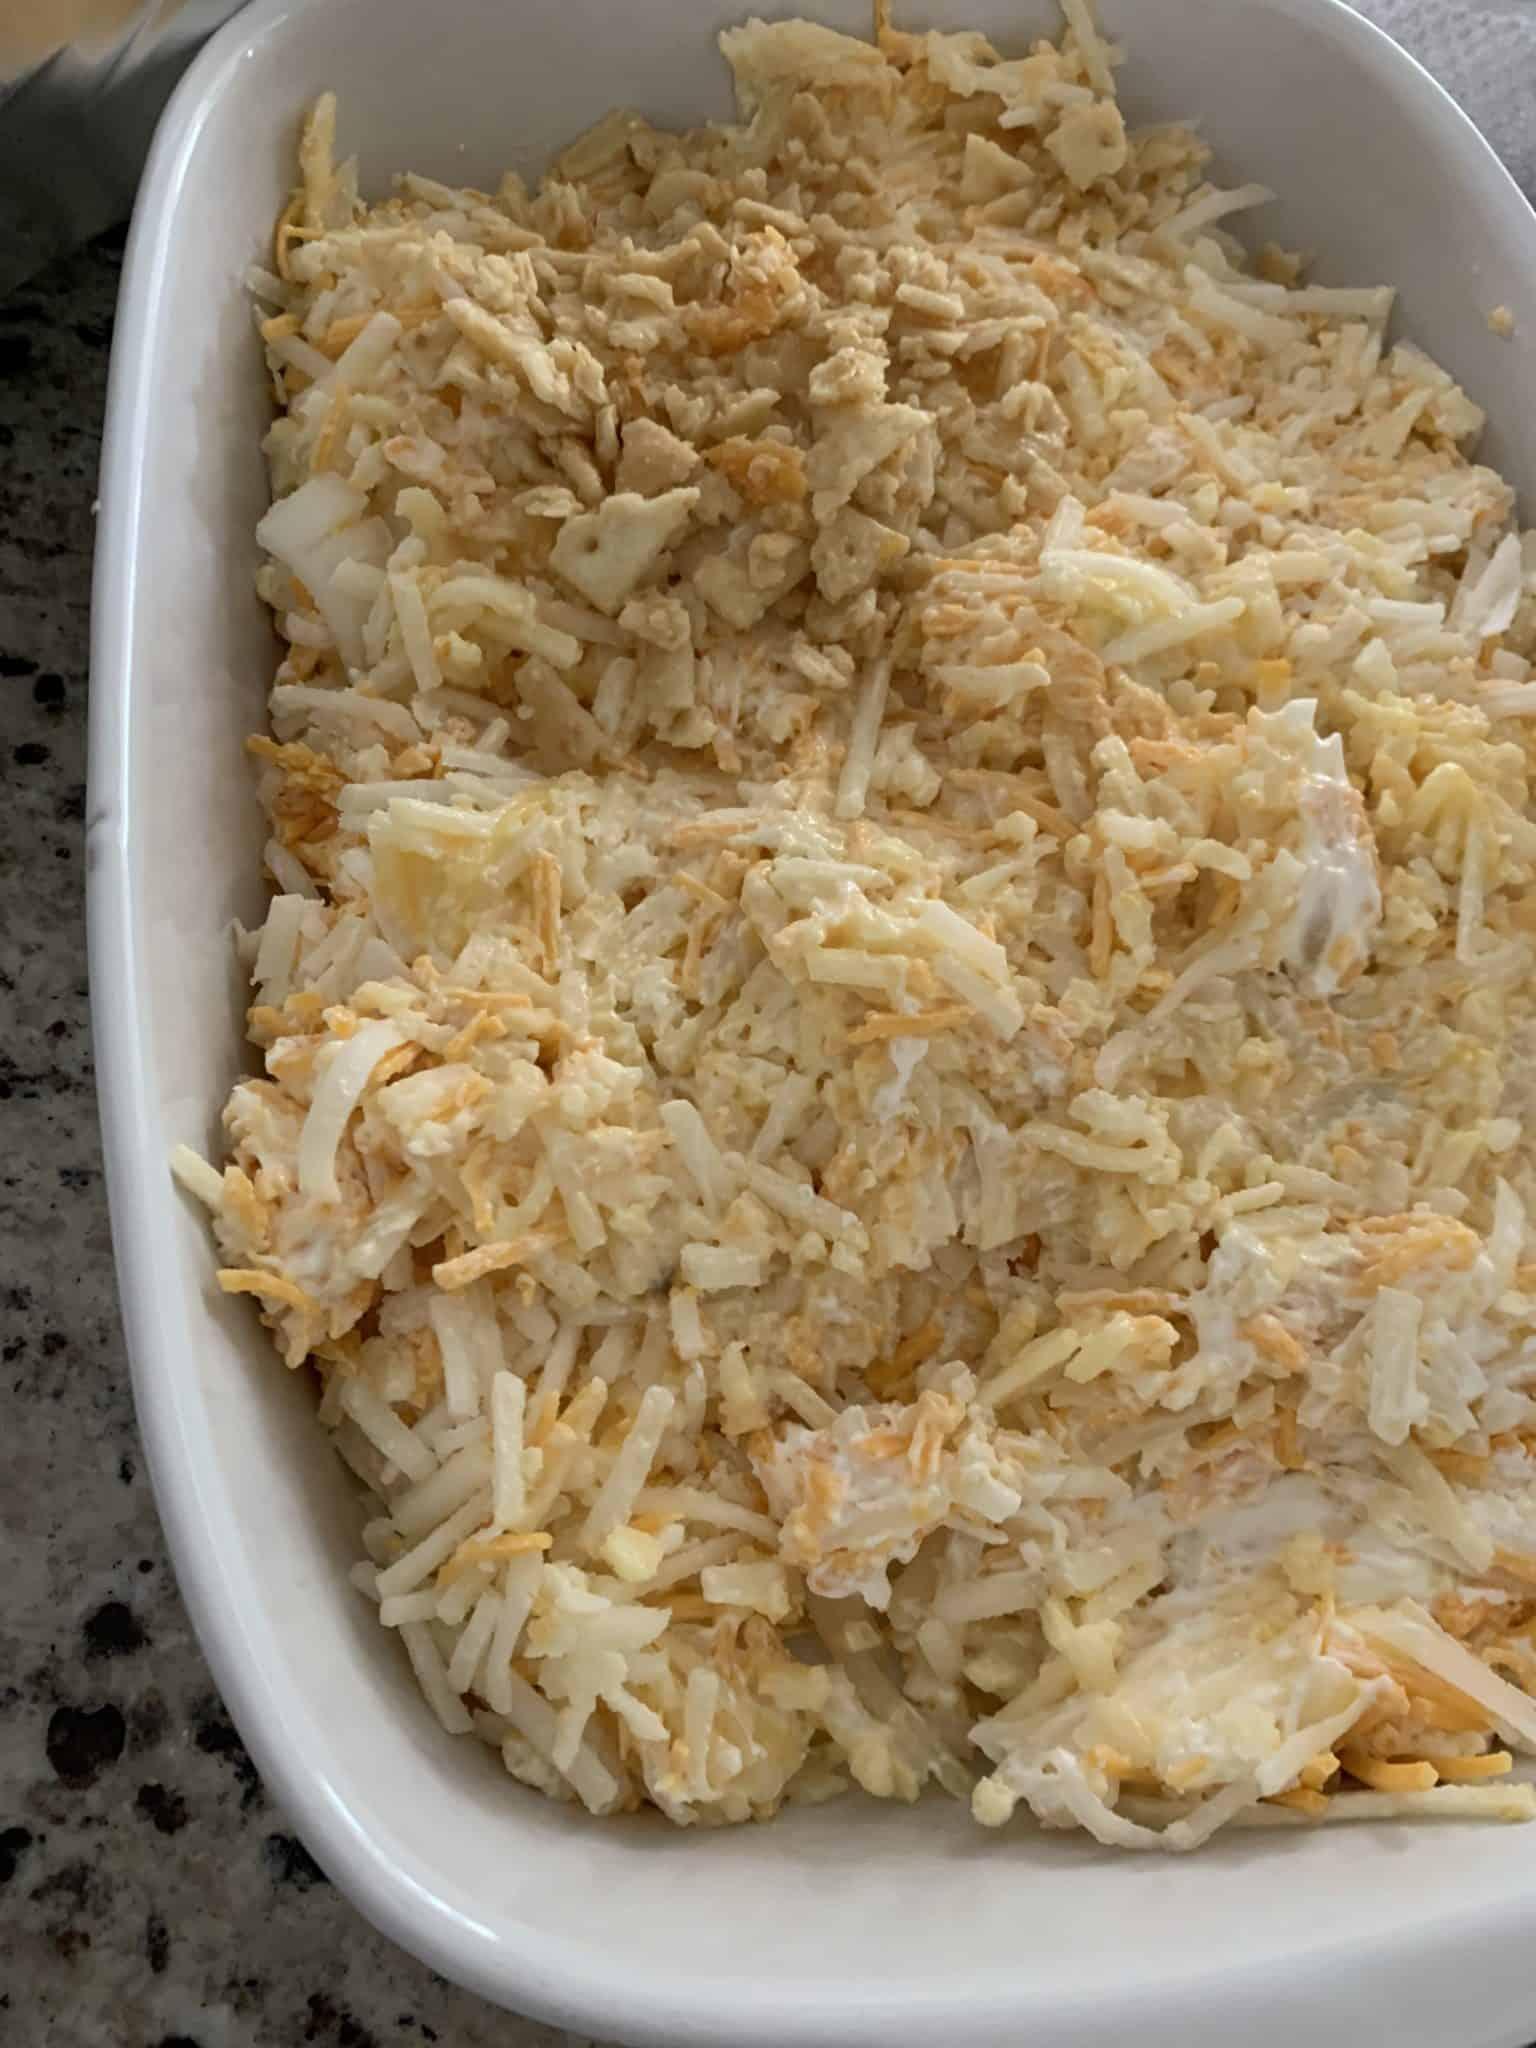 Hashbrown Casserole in Baking Dish